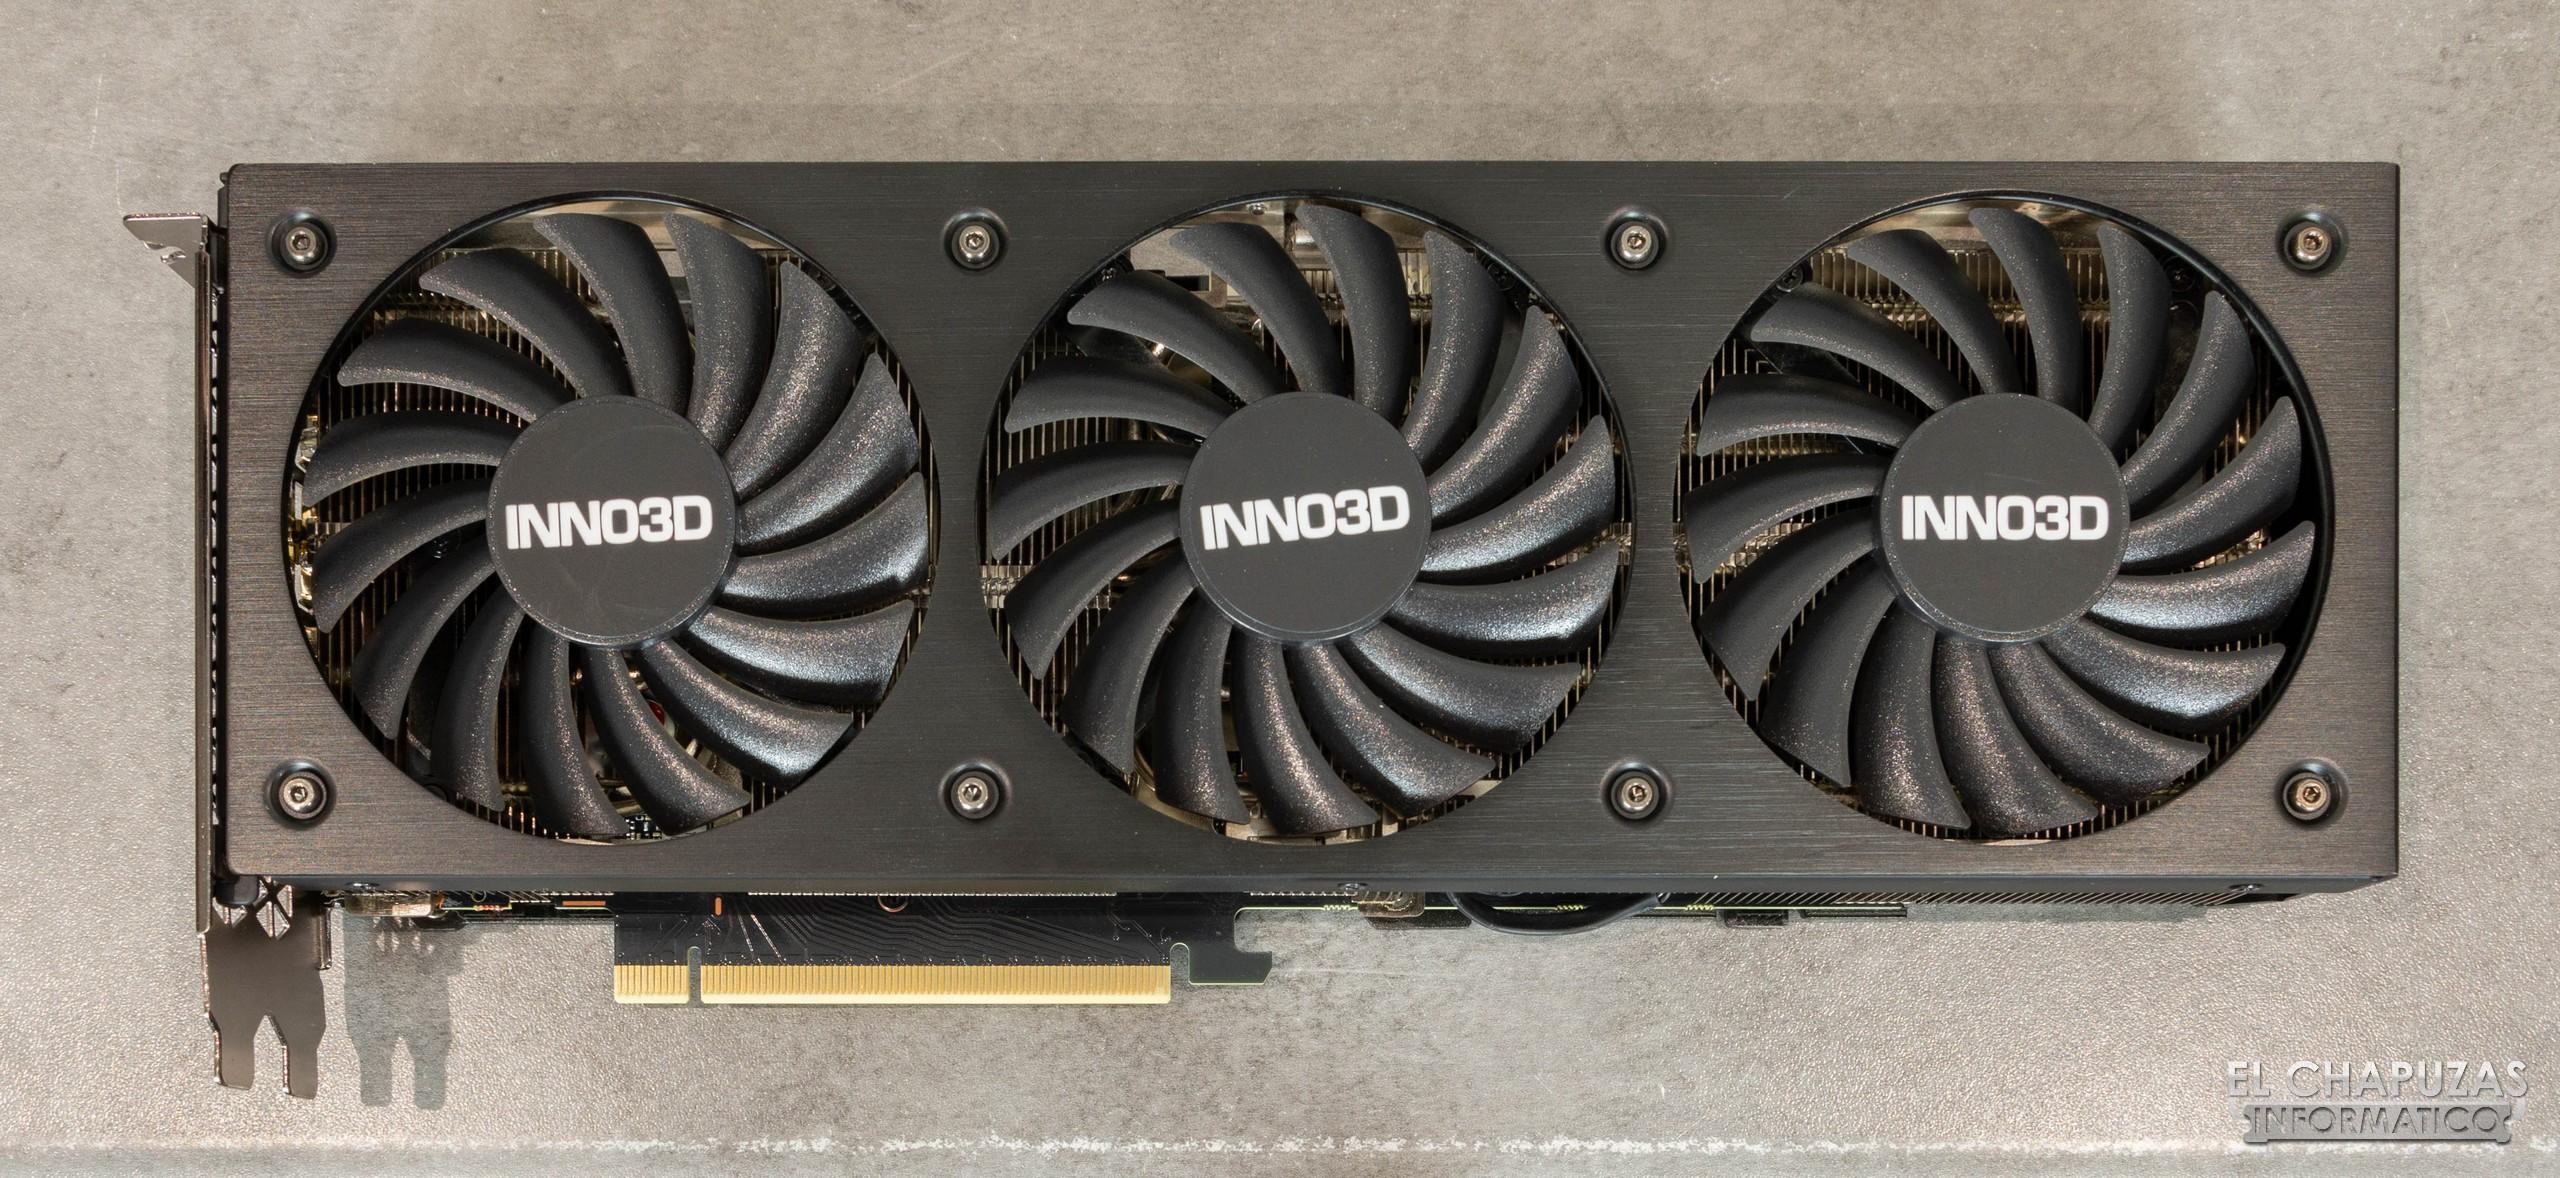 Review: Inno3D GeForce RTX 3070 Ti X3 OC